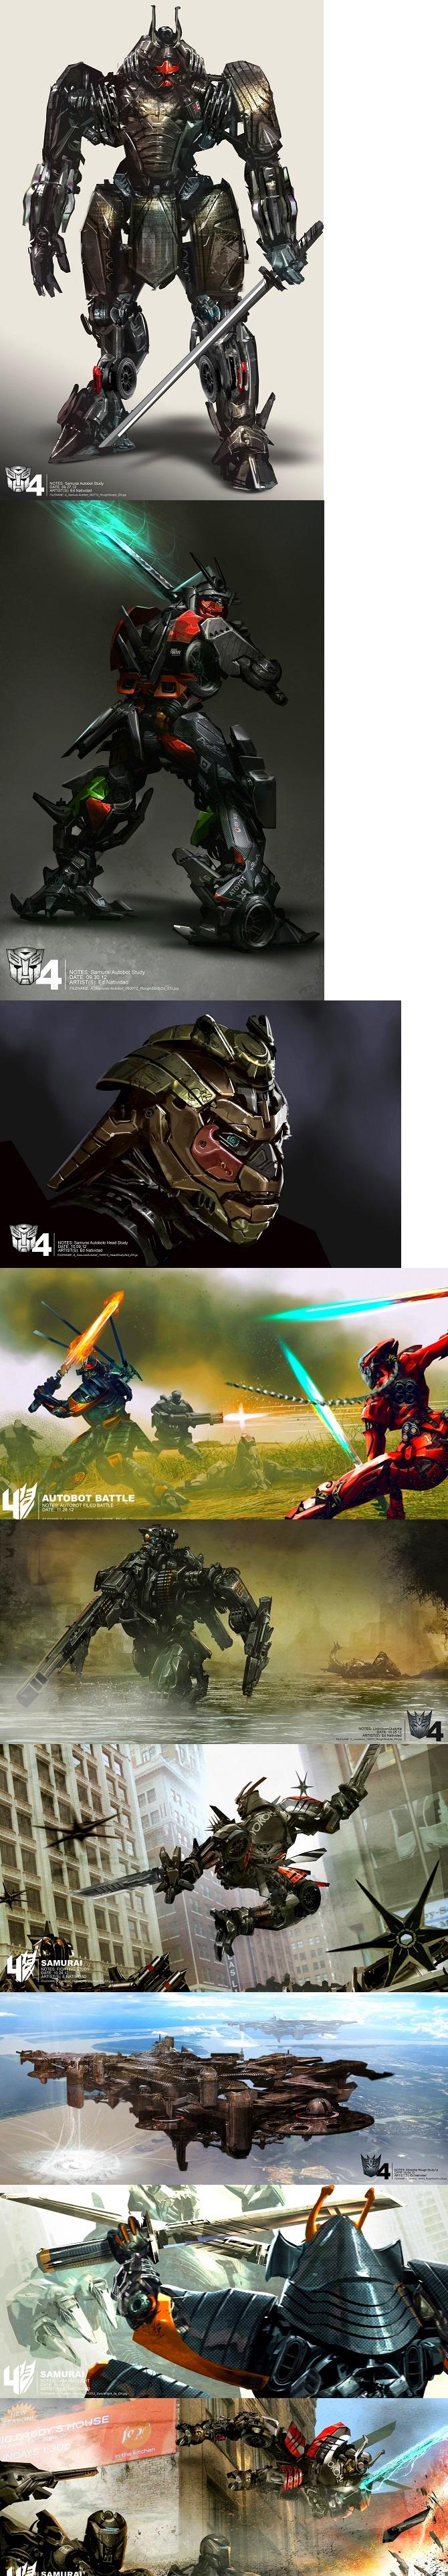 Concept Art des Transformers dans les Films Transformers - Page 5 215342CntvhRW